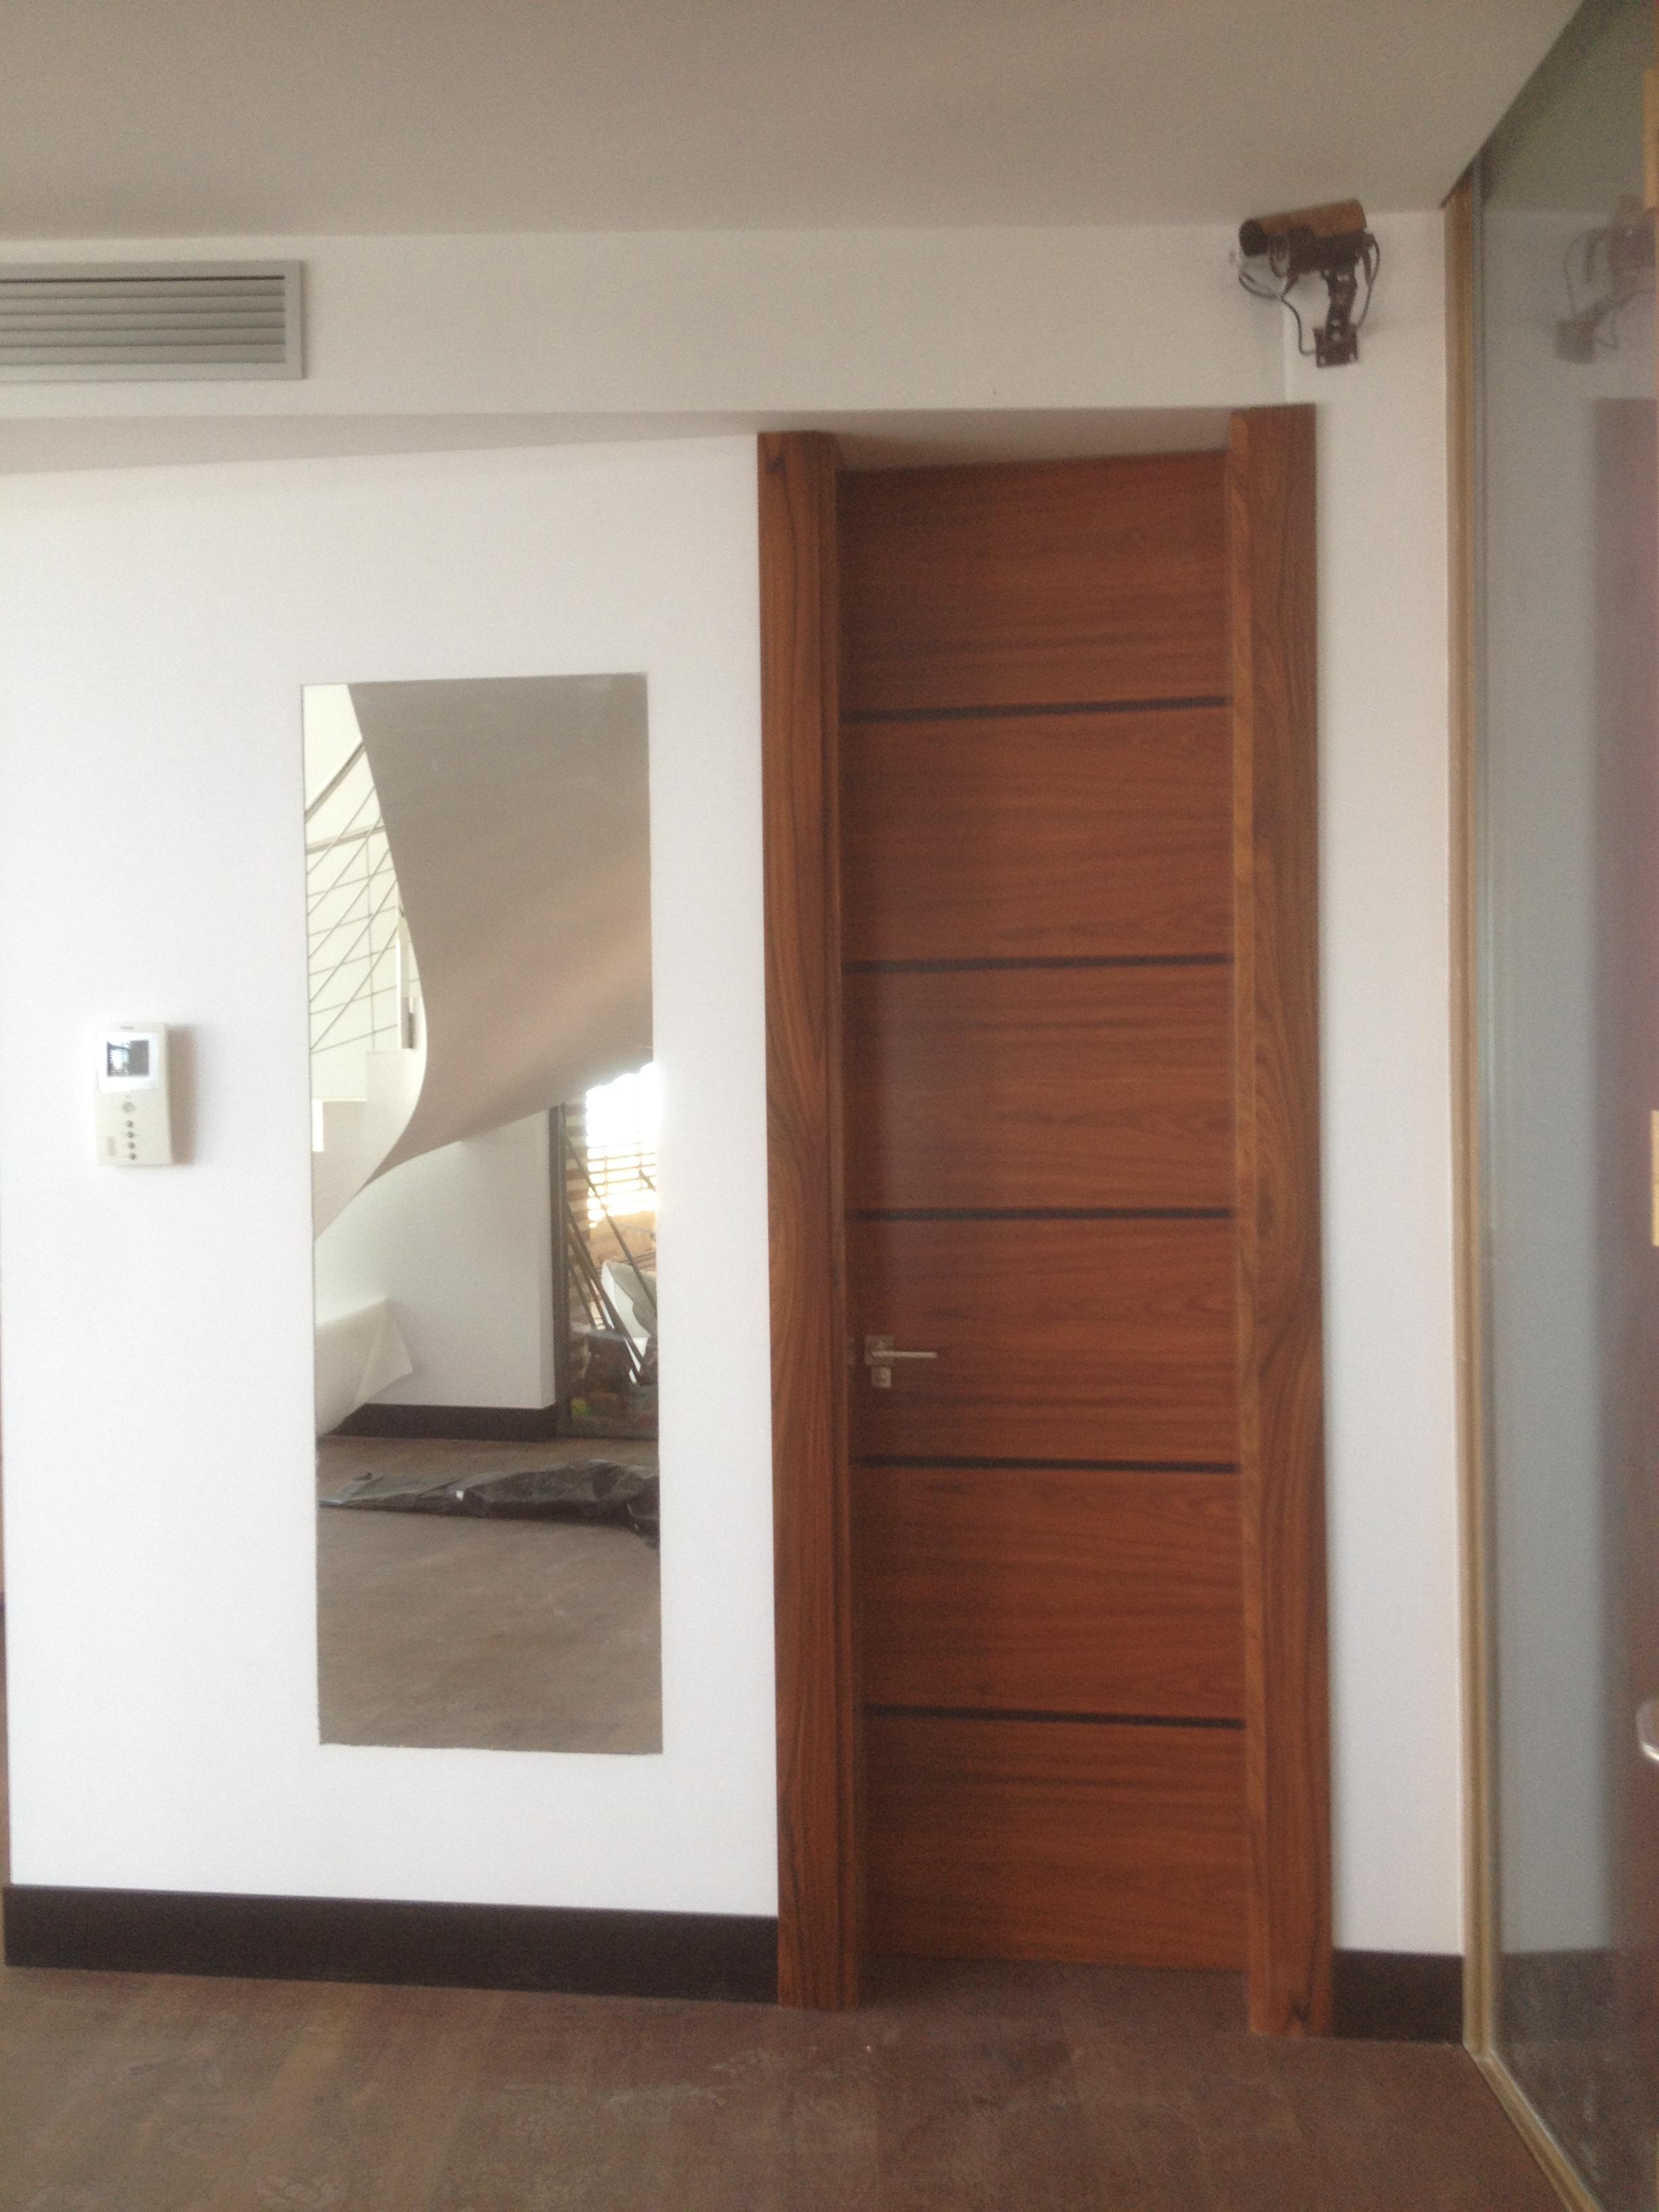 Puertas cubells valencia finest trendy reparacion puertas for Puertas interior valencia